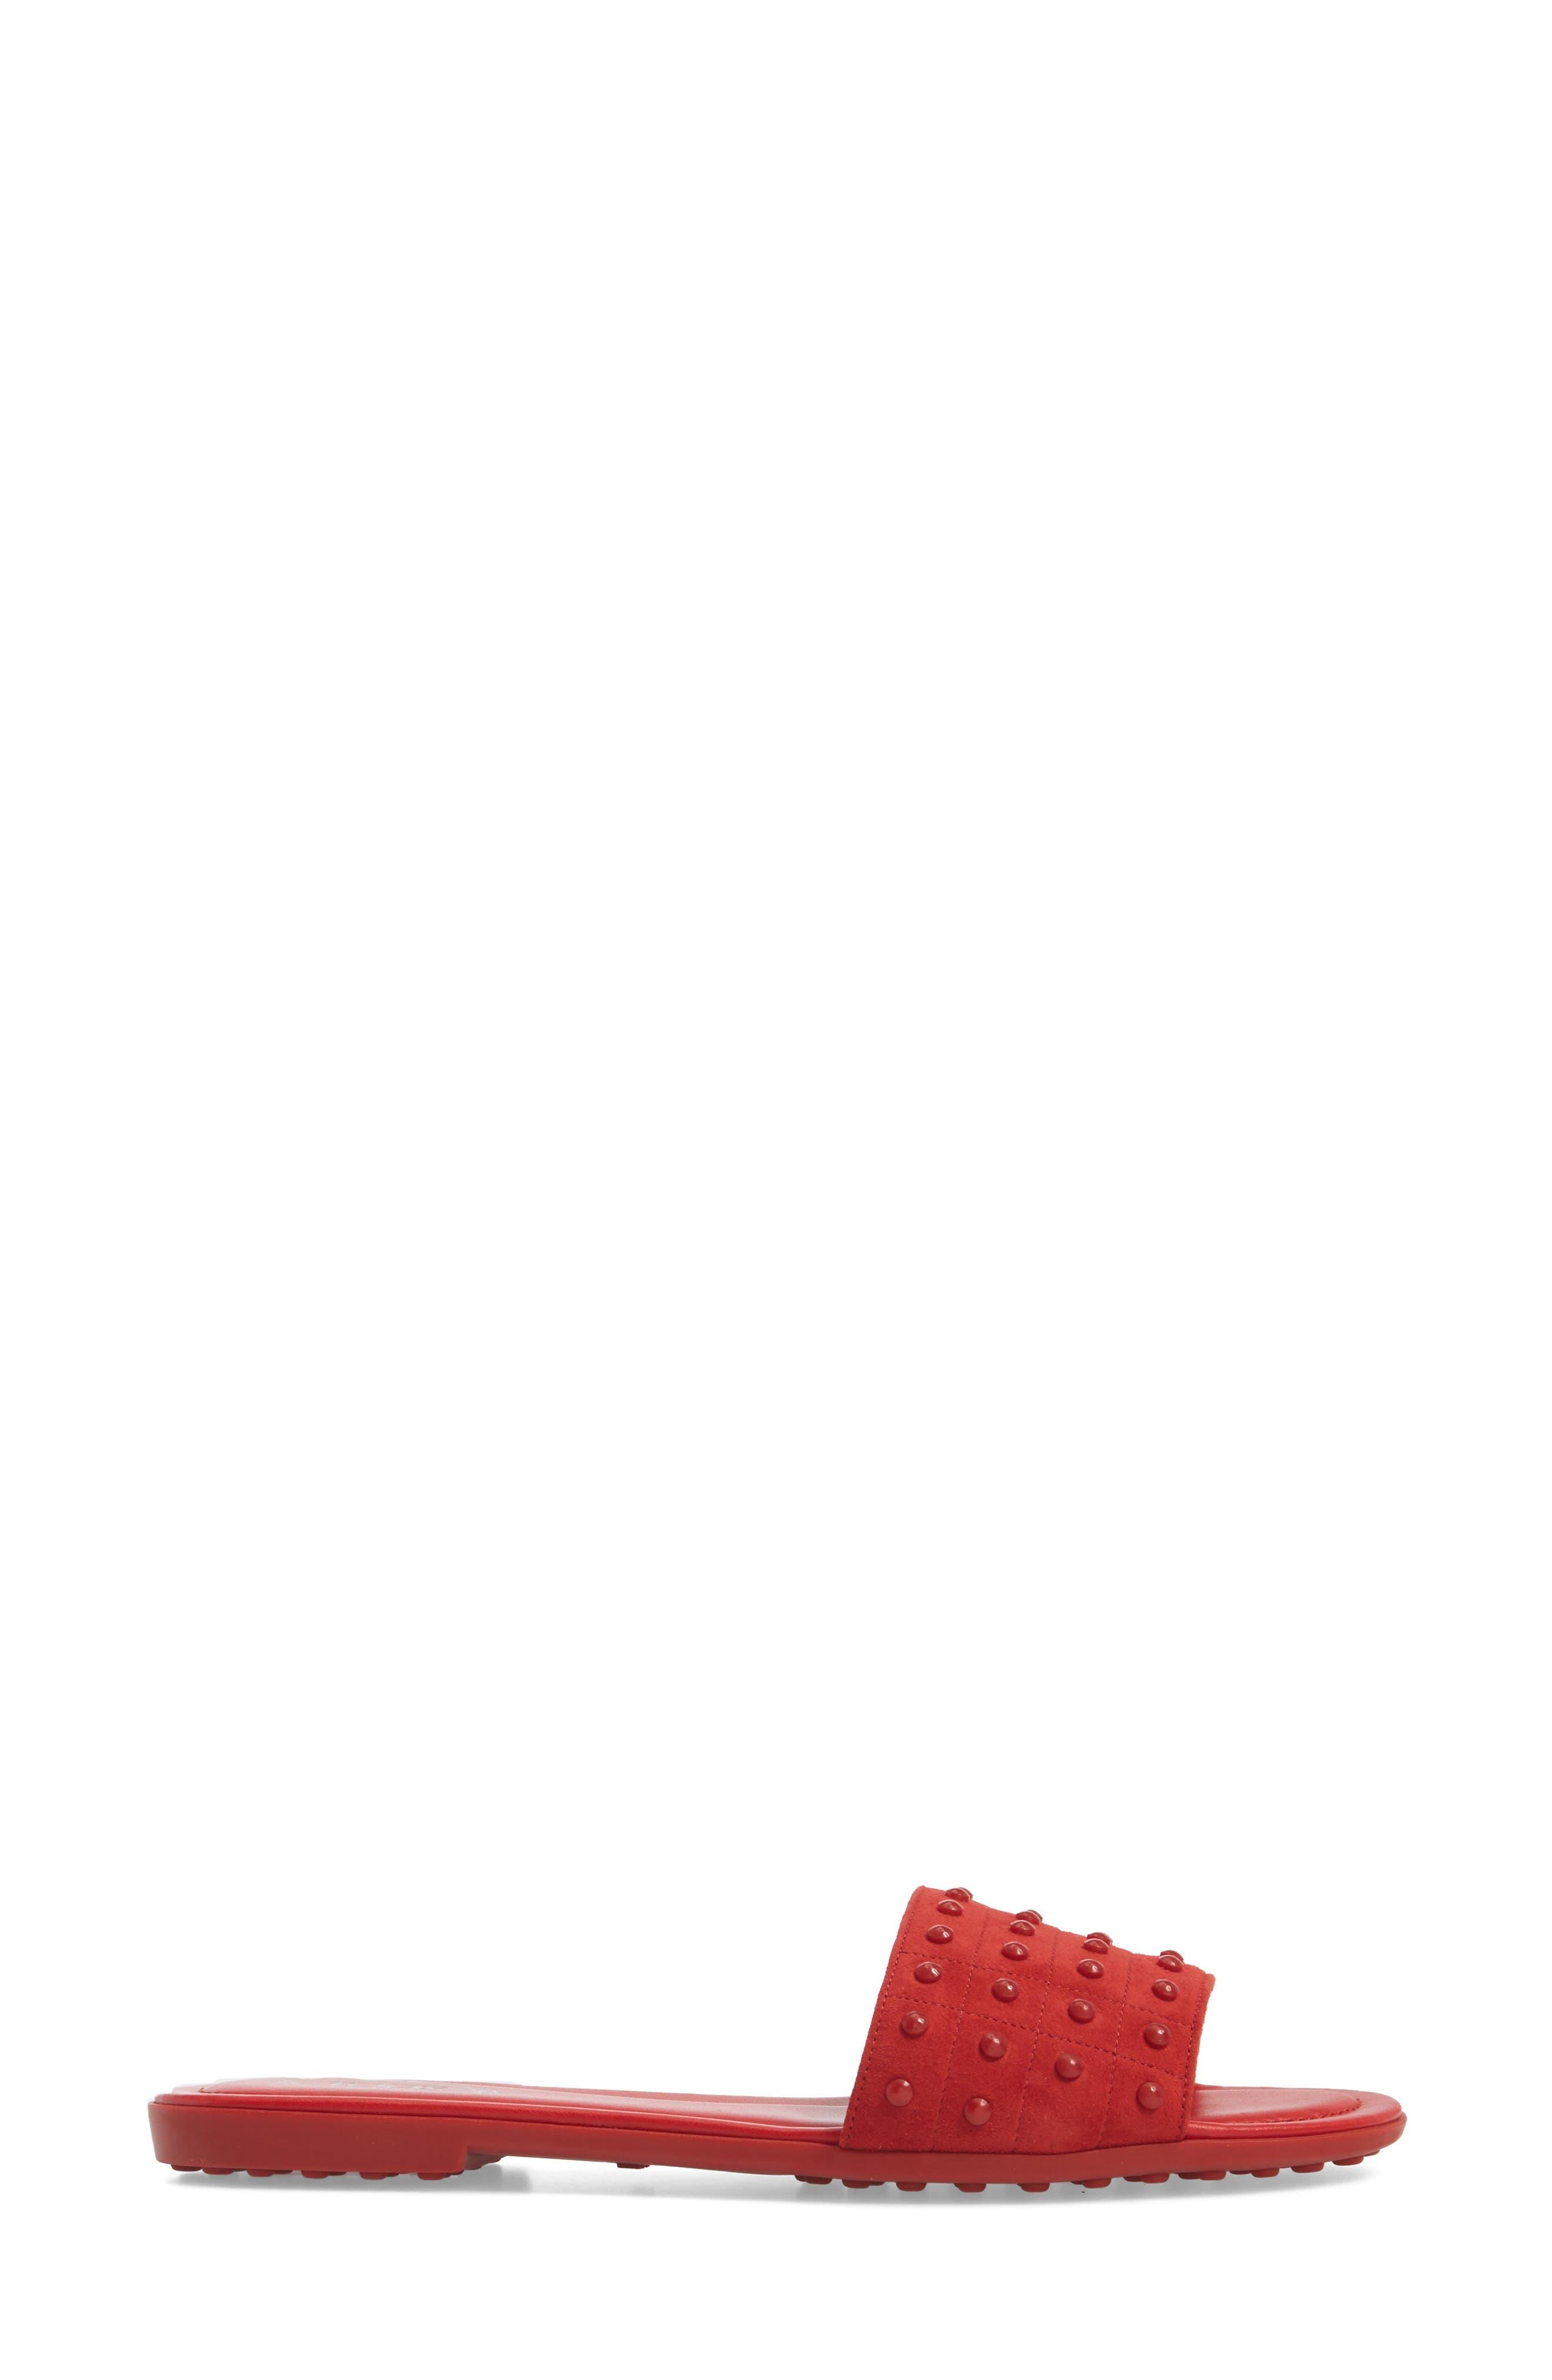 Gommini Slide Sandal,                             Alternate thumbnail 12, color,